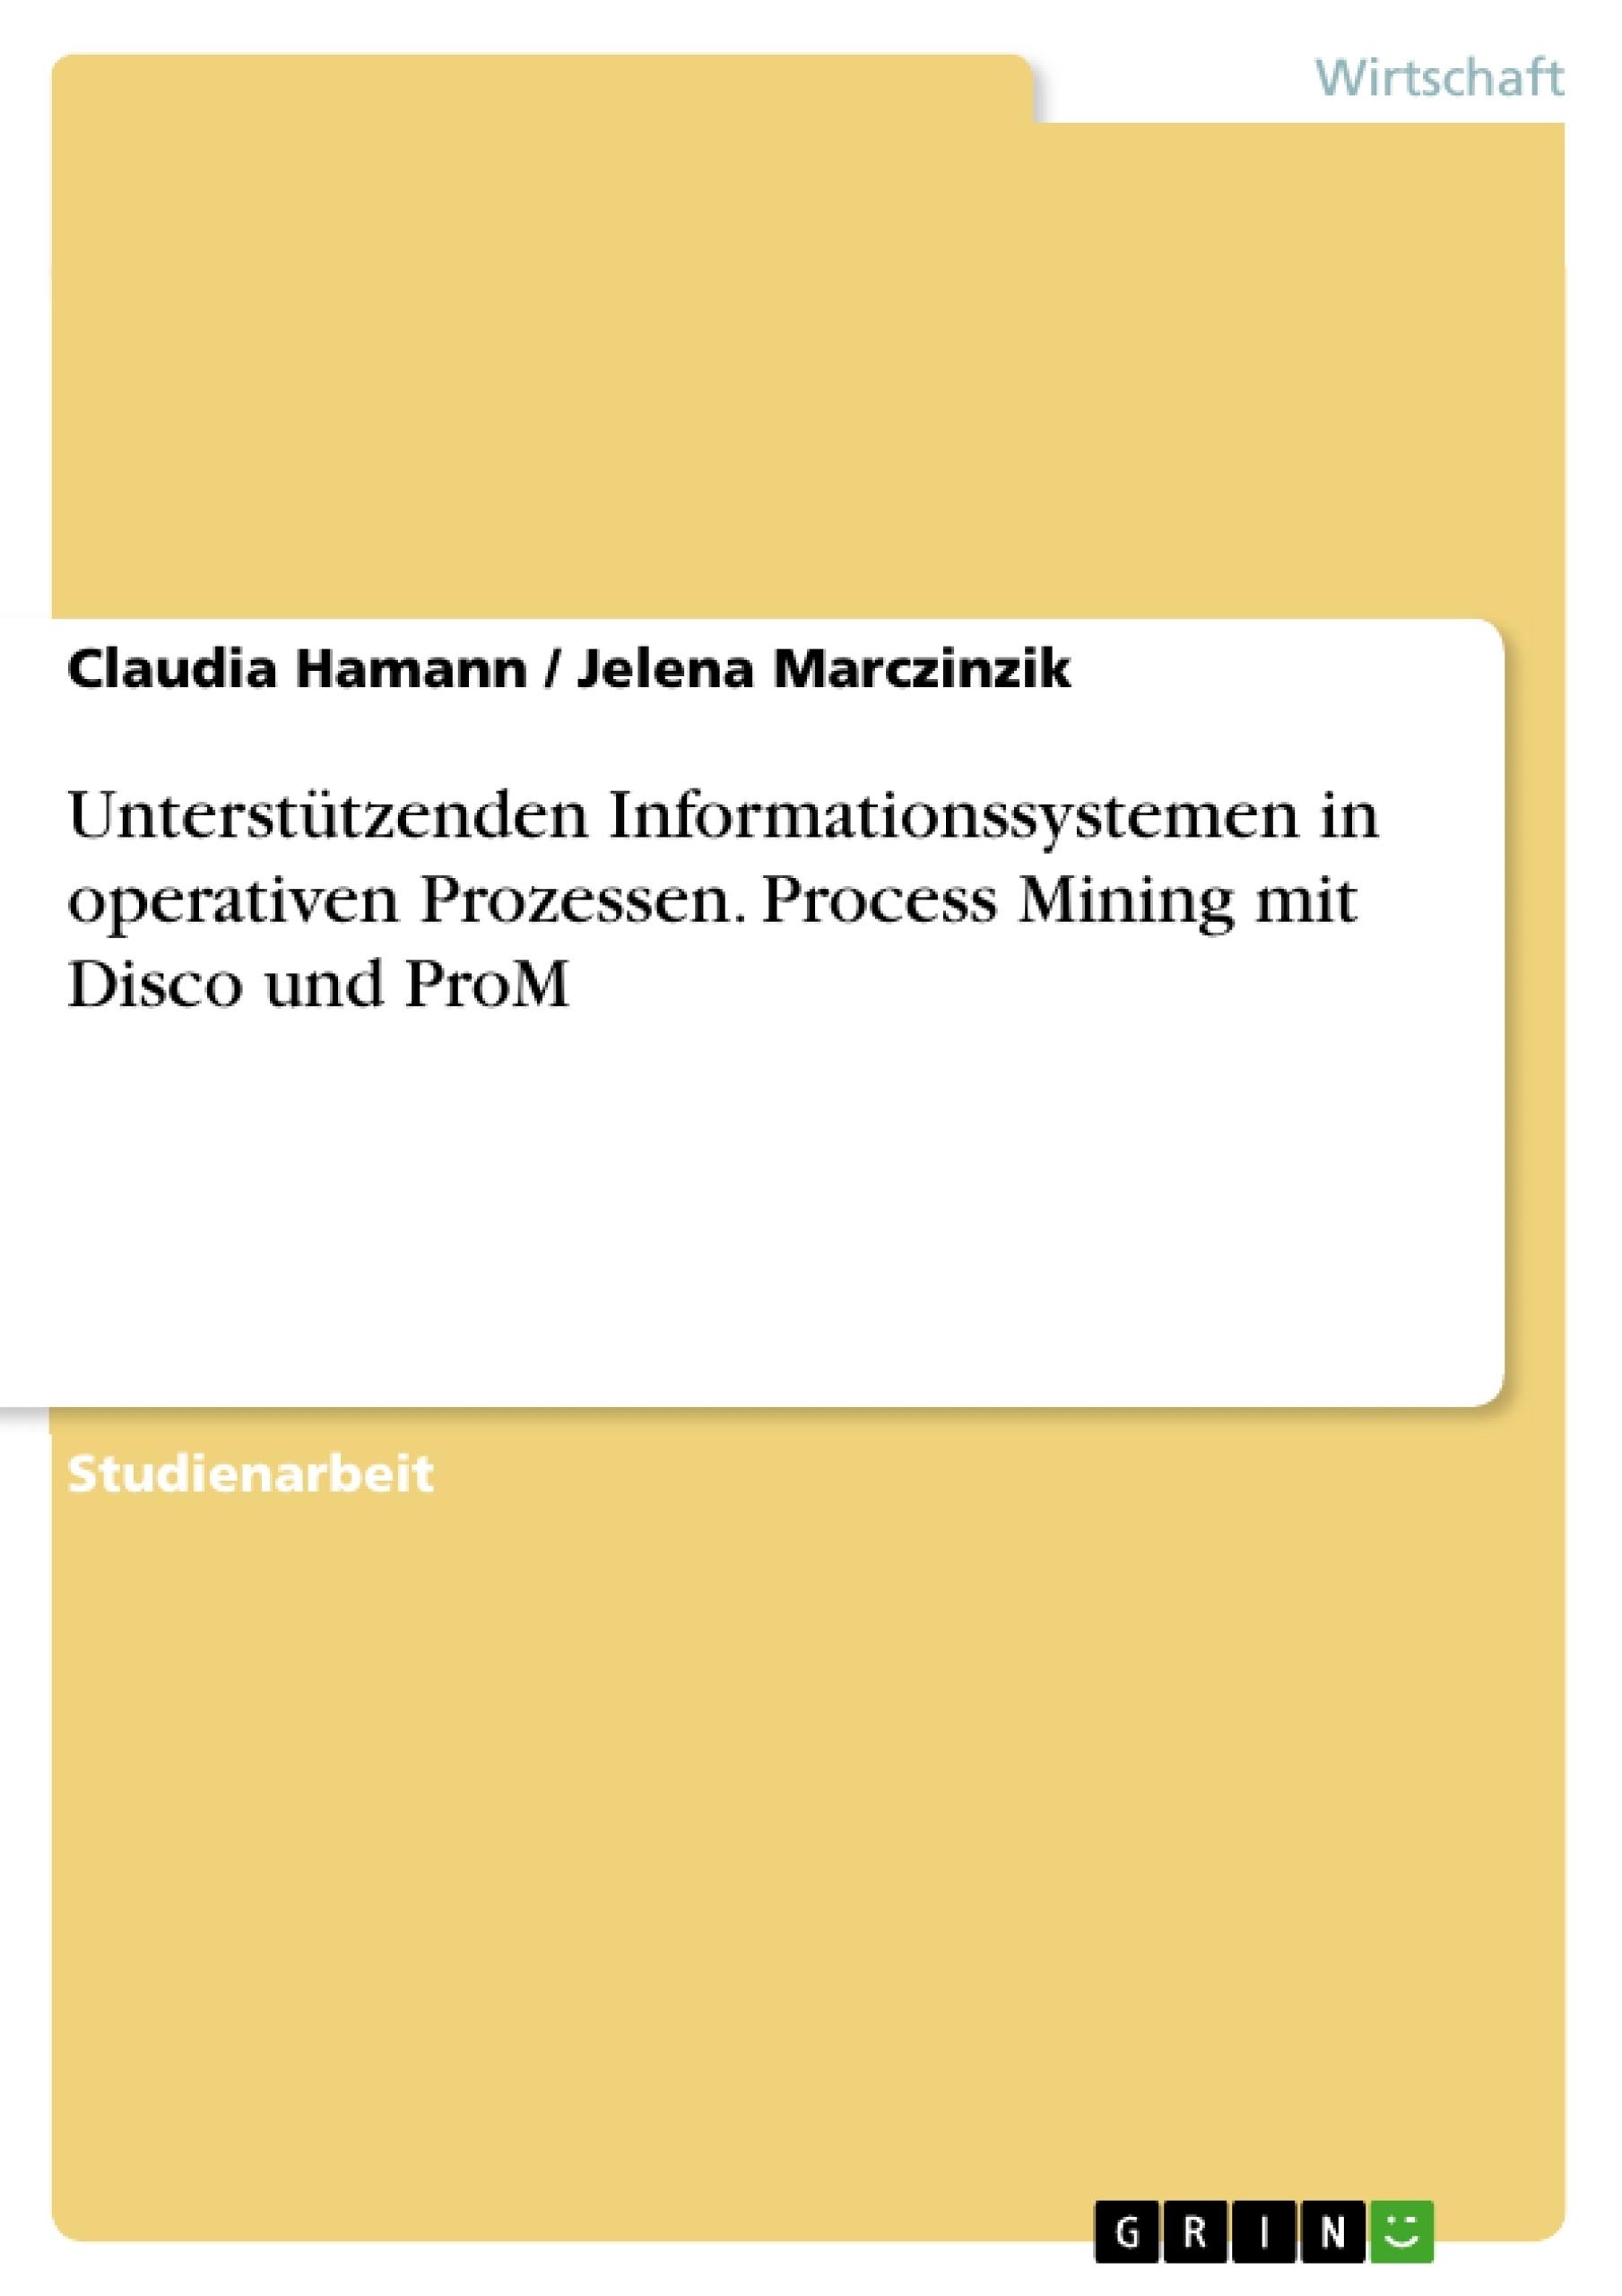 Titel: Unterstützenden Informationssystemen in operativen Prozessen. Process Mining mit Disco und ProM